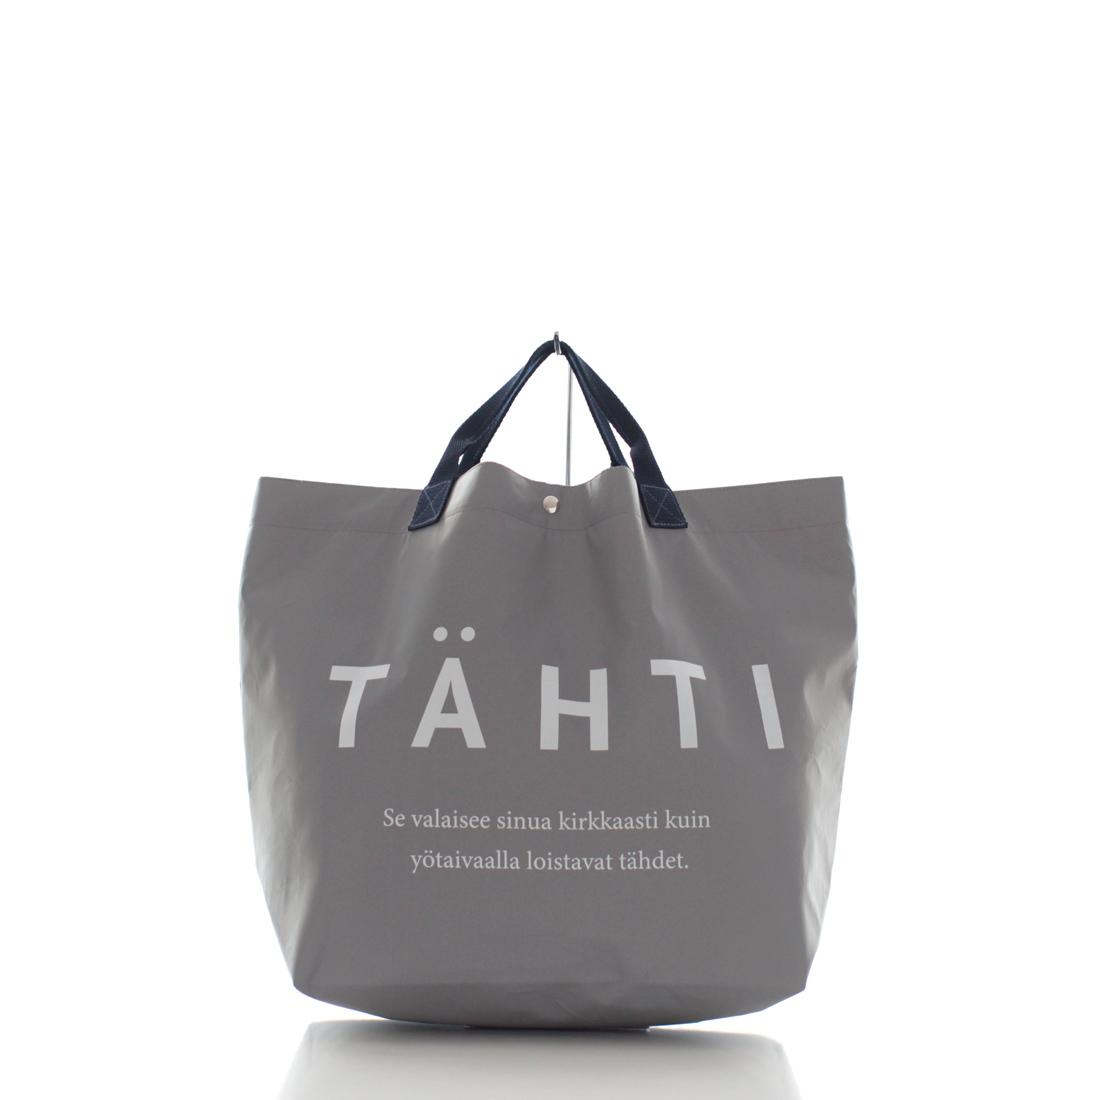 【TAHTI-タハティ-】 <BR>マチ広トートタイプ エコバッグ/マイバッグ 1201 シルバー <BR>洗える 2WAY リフレクター(反射素材)